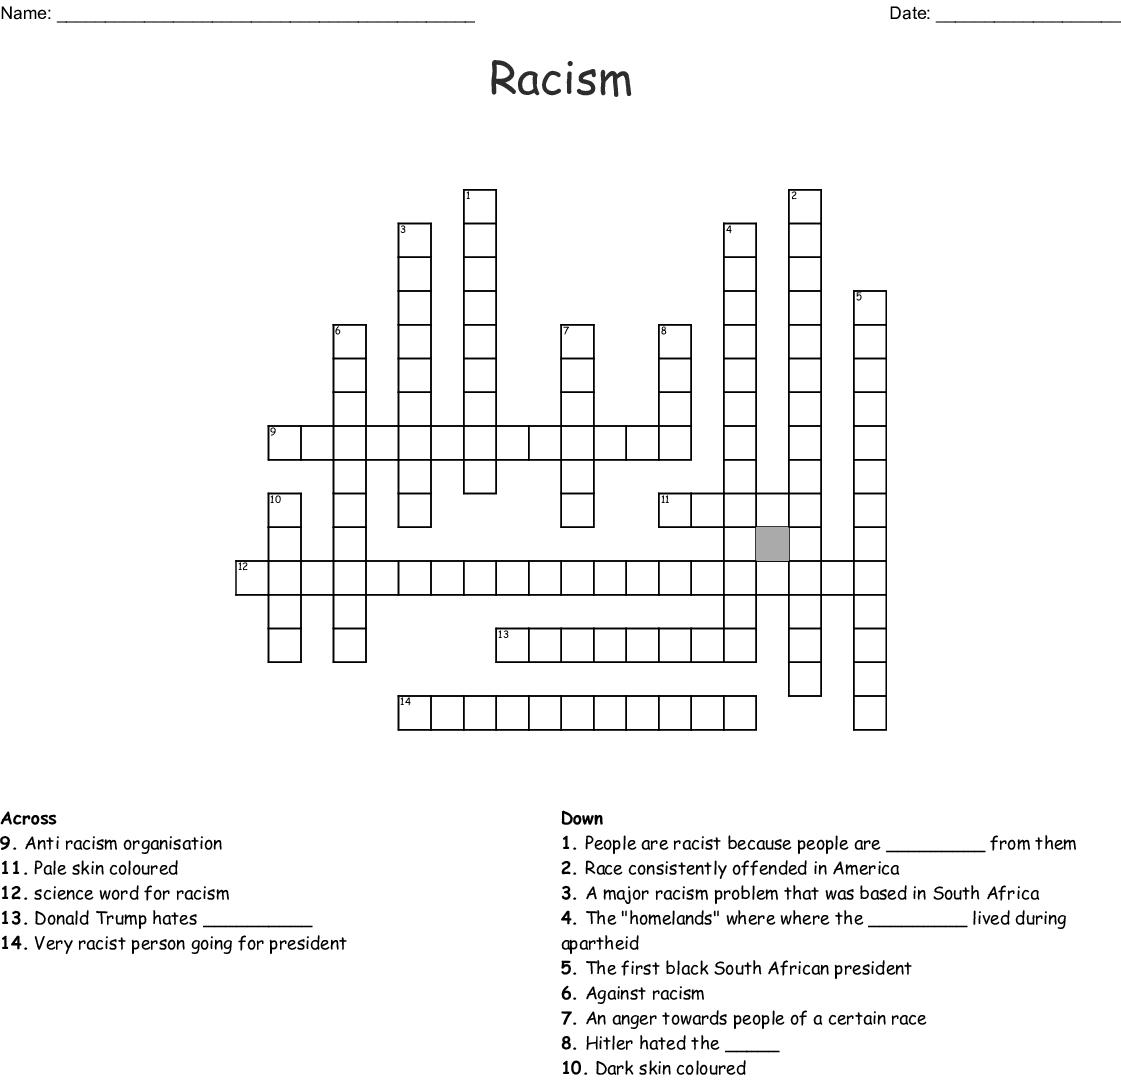 Racism Crossword